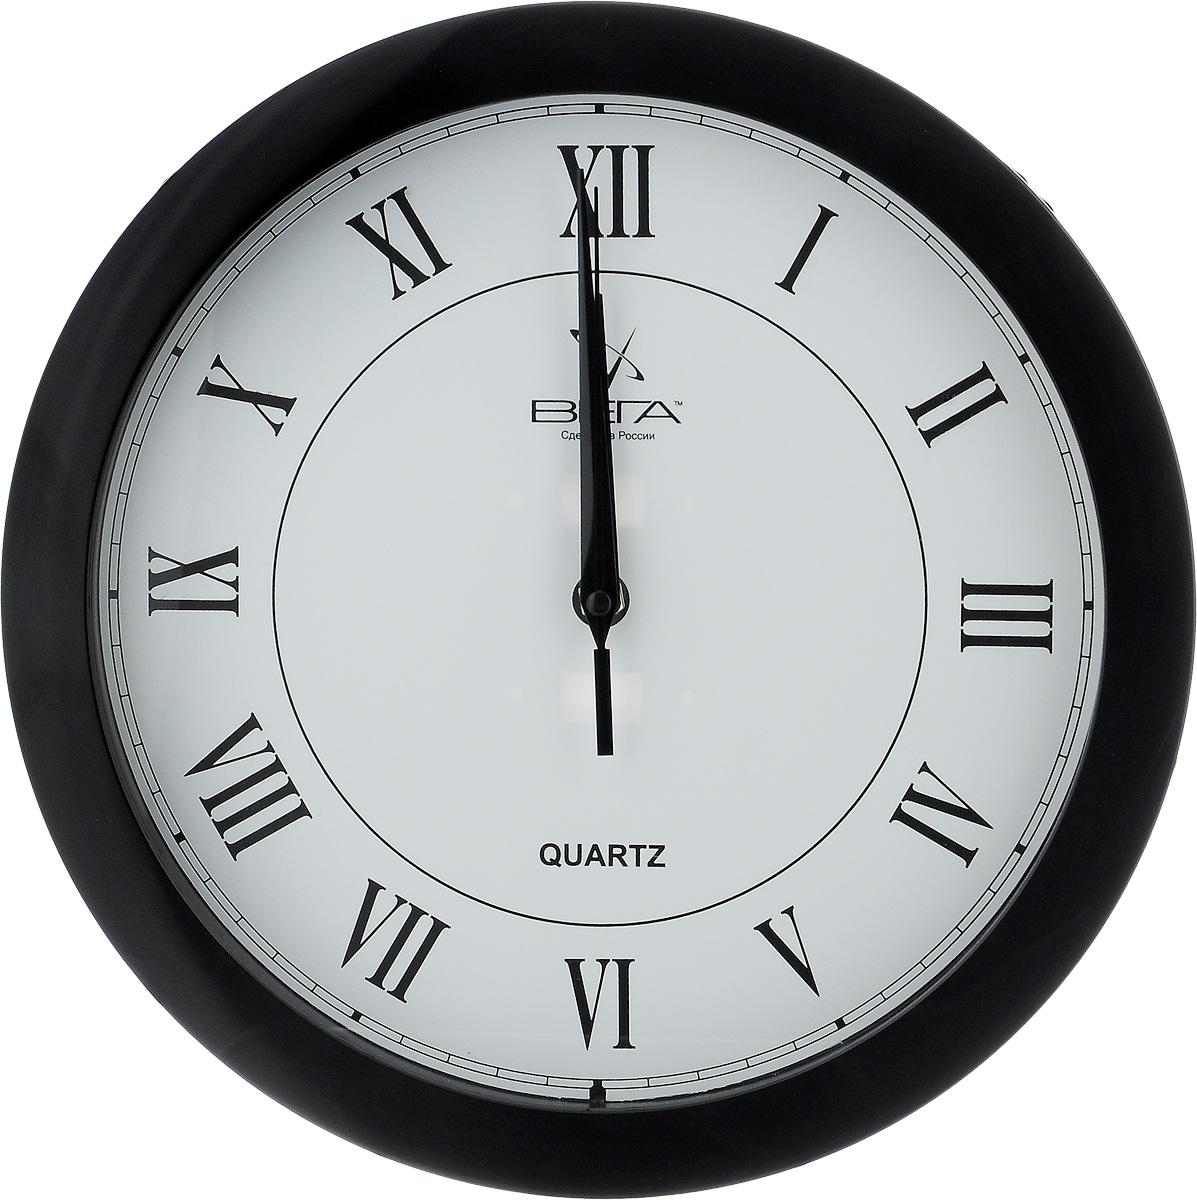 Часы настенные Вега Римская классика, цвет: черный, белый, диаметр 28,5 см2706 (ПО)Настенные кварцевые часы Вега Римская классика, изготовленные из пластика, прекрасно впишутся в интерьер вашего дома. Круглые часы имеют три стрелки: часовую, минутную и секундную, циферблат защищен прозрачным стеклом. Часы работают от 1 батарейки типа АА напряжением 1,5 В (не входит в комплект). Диаметр часов: 28,5 см.